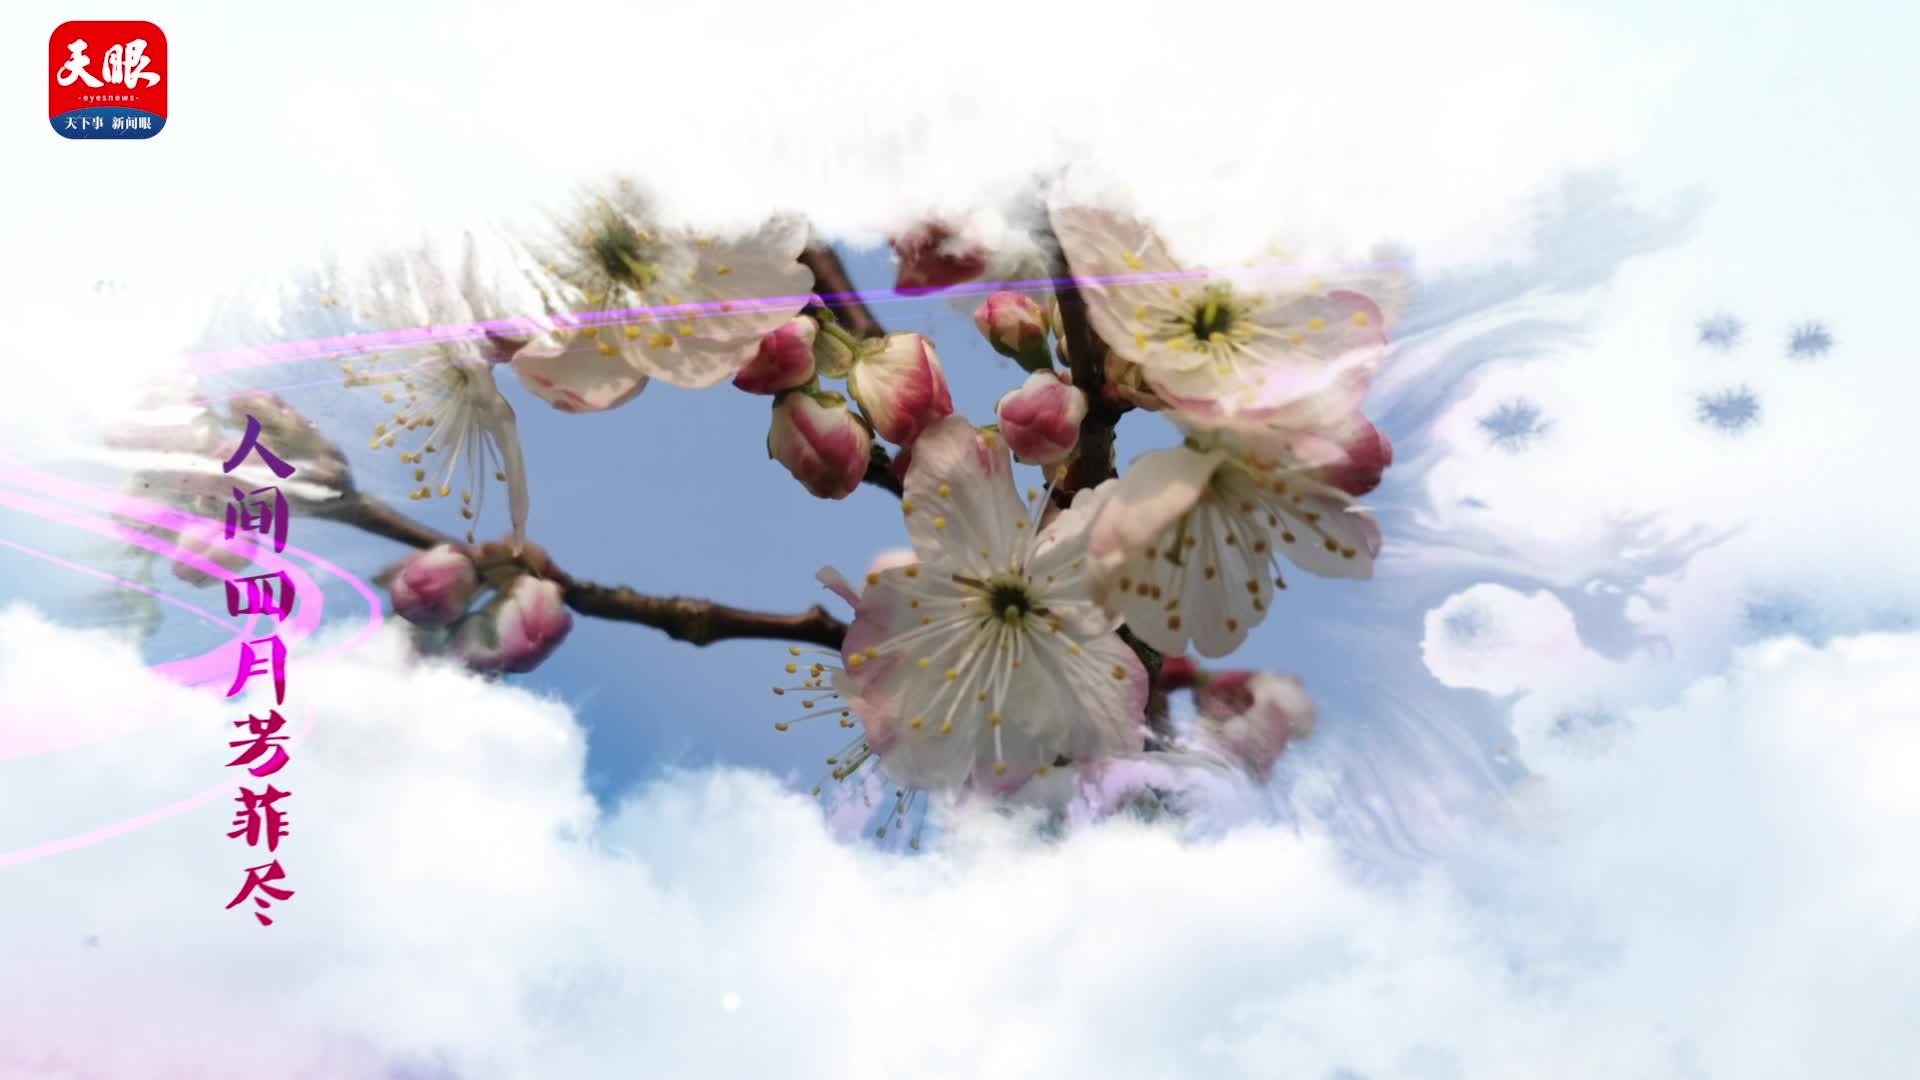 思南:春意盎然 樱桃花开